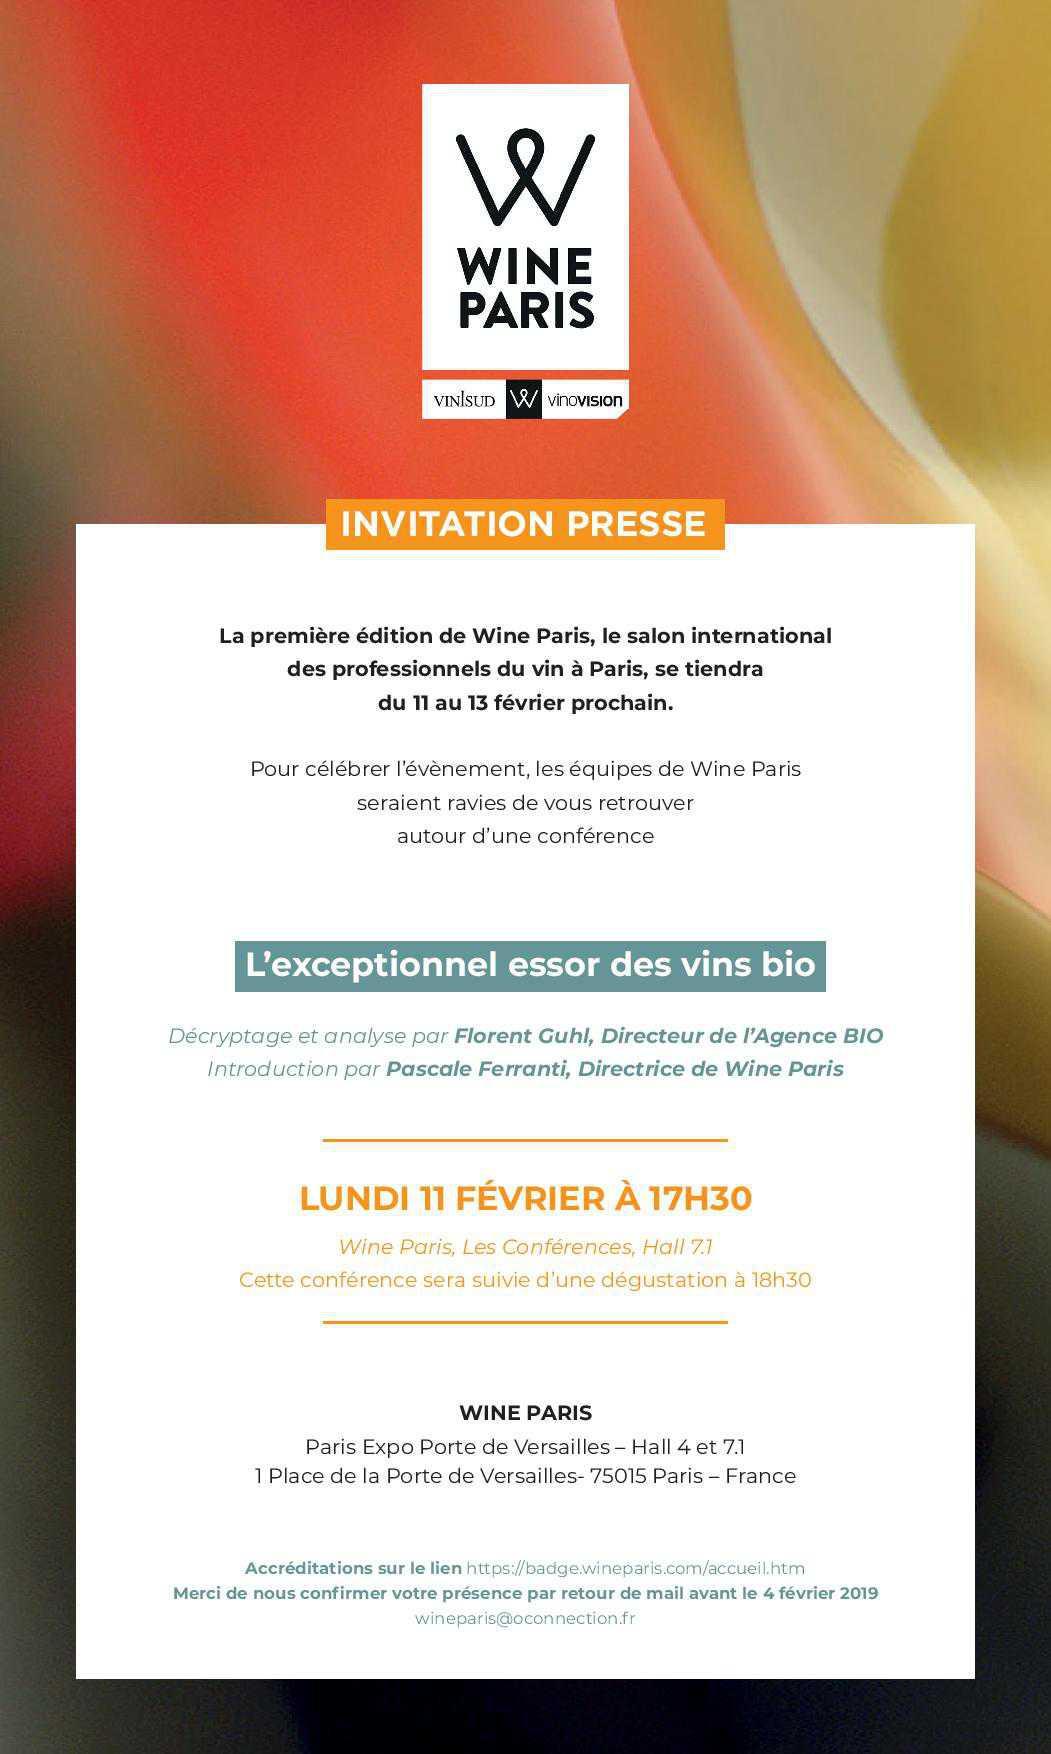 Wine Paris 2019 : L'exceptionnel essor des vins bio - Hall 7.1